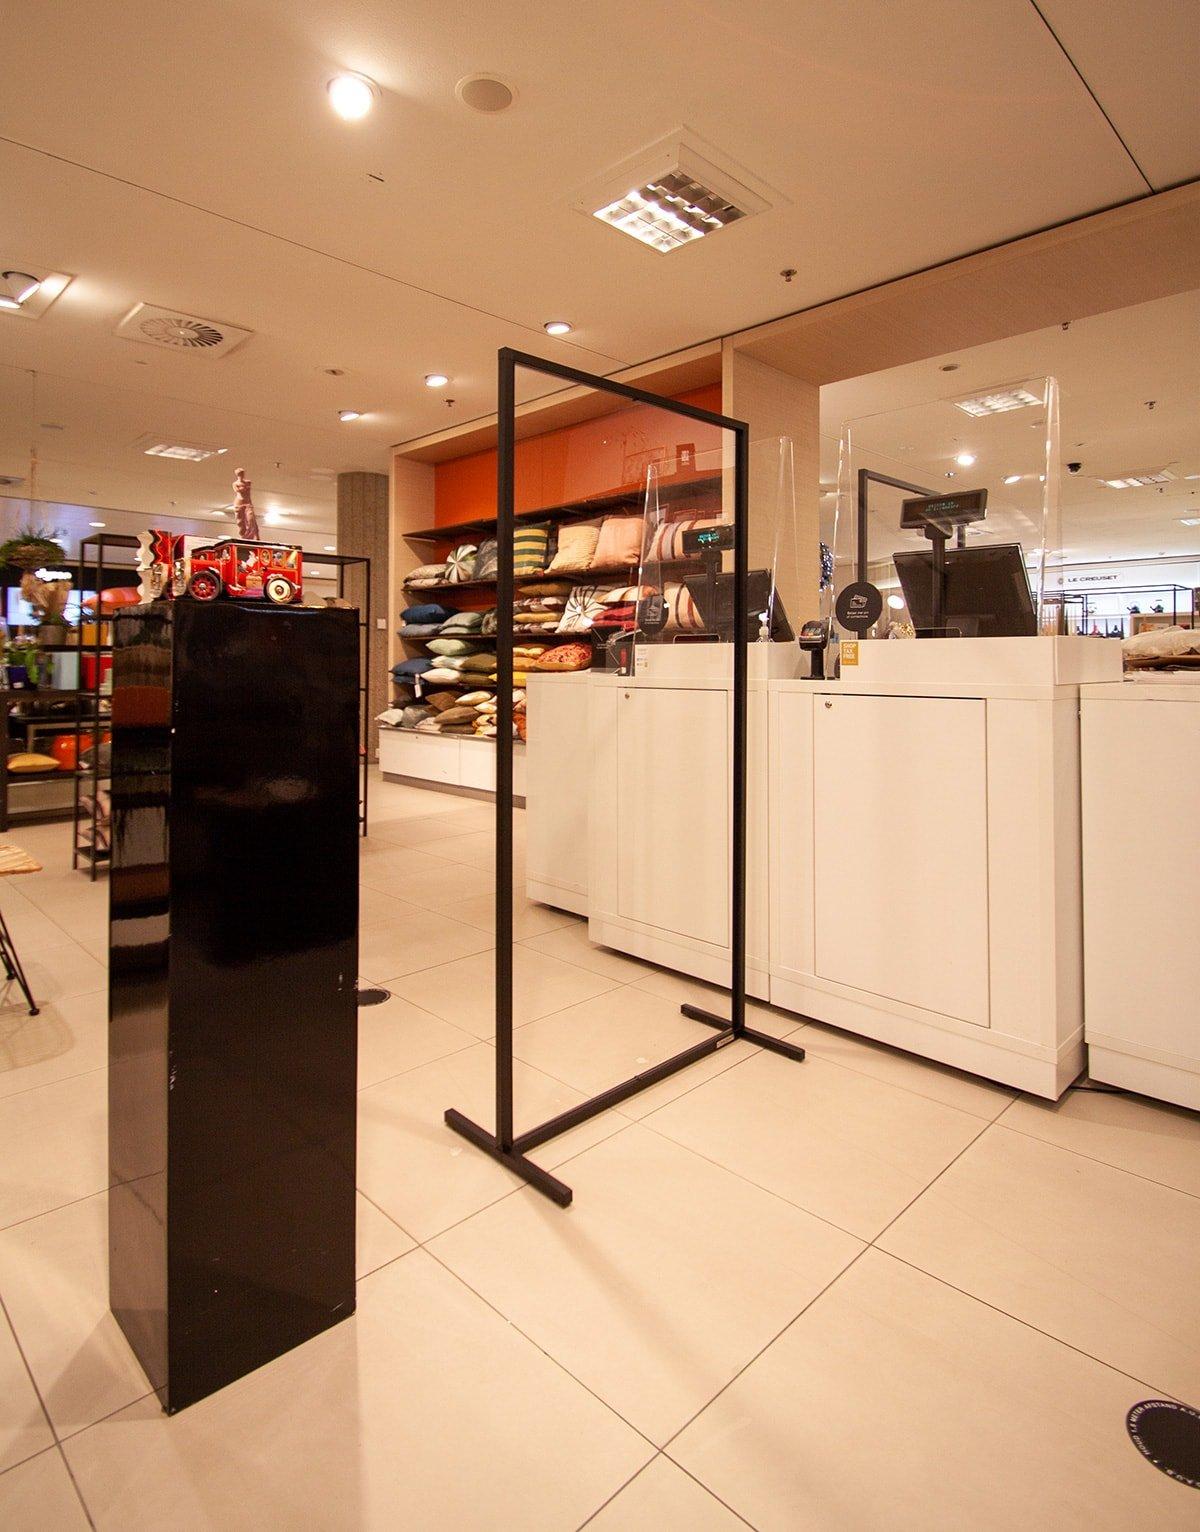 Veilig en stijlvol winkelen? Welkom in de Safe Zone van ATOM Retail